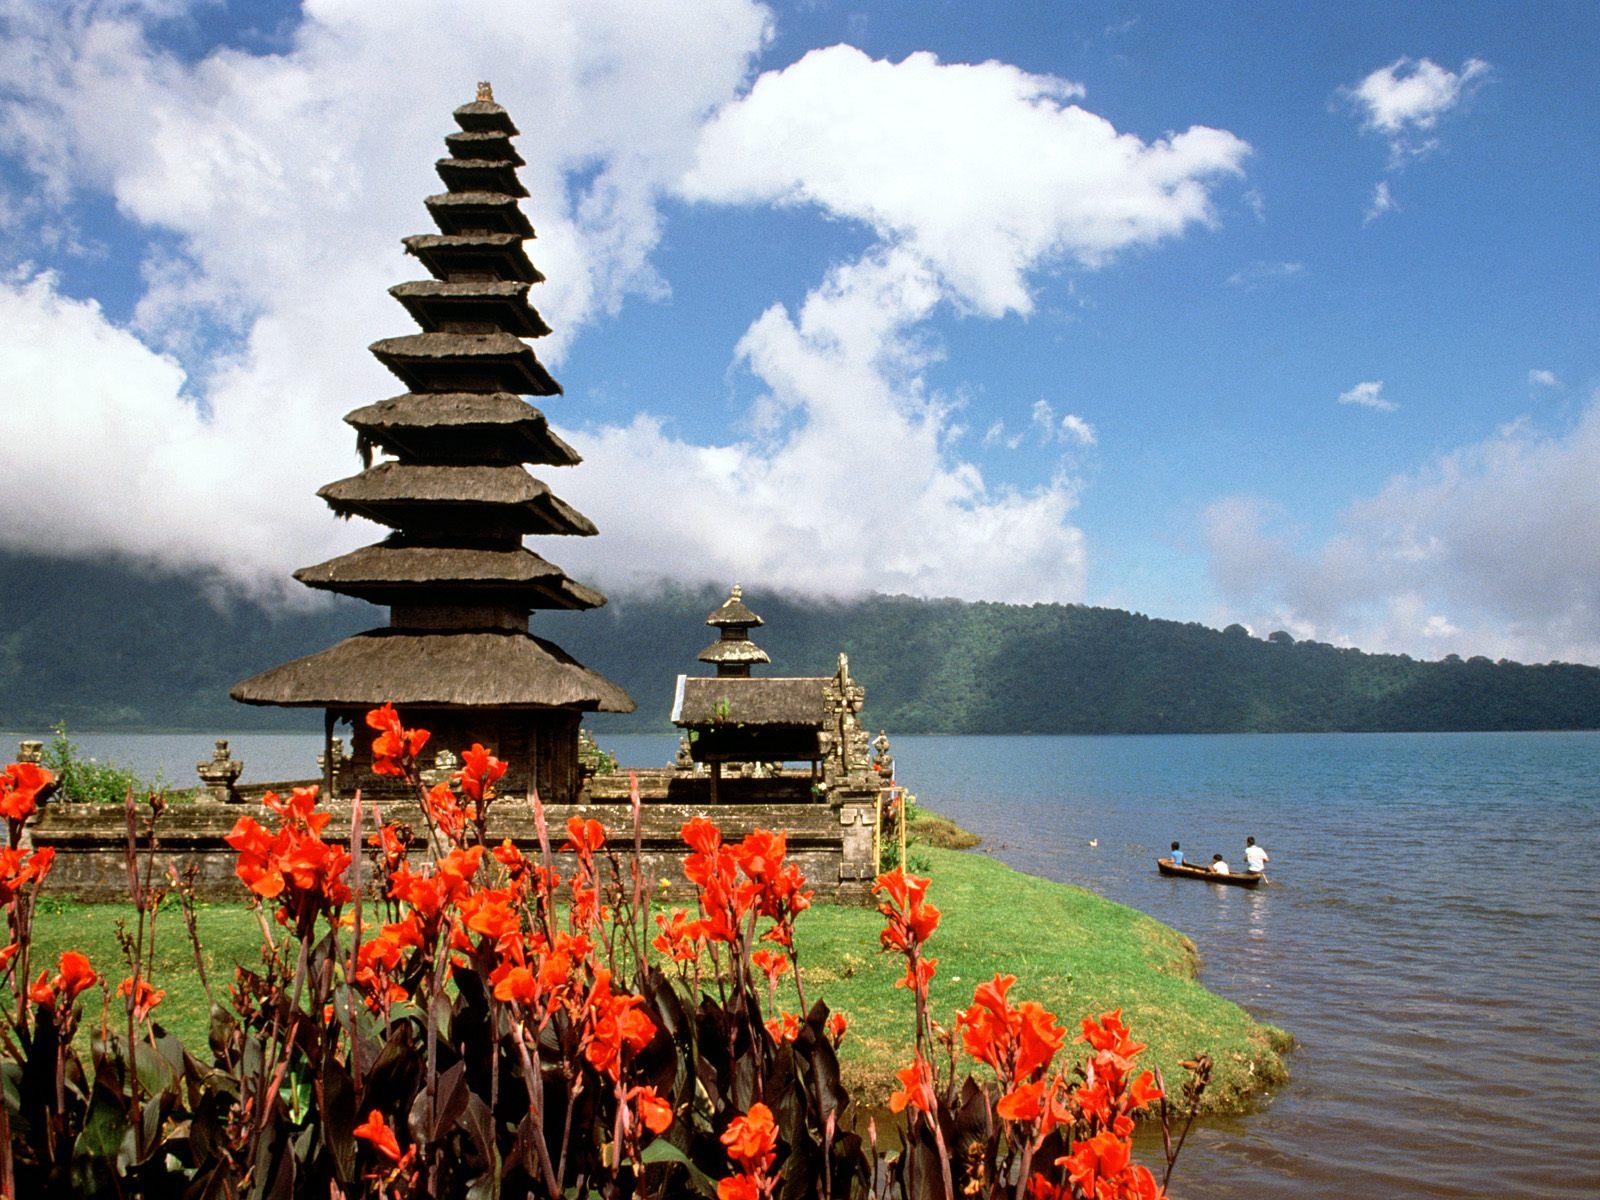 http://3.bp.blogspot.com/-cK7cB2E-V-c/T_77L_hgcQI/AAAAAAAAA5w/GBqCtH746MU/s1600/Bali%2B1.jpg